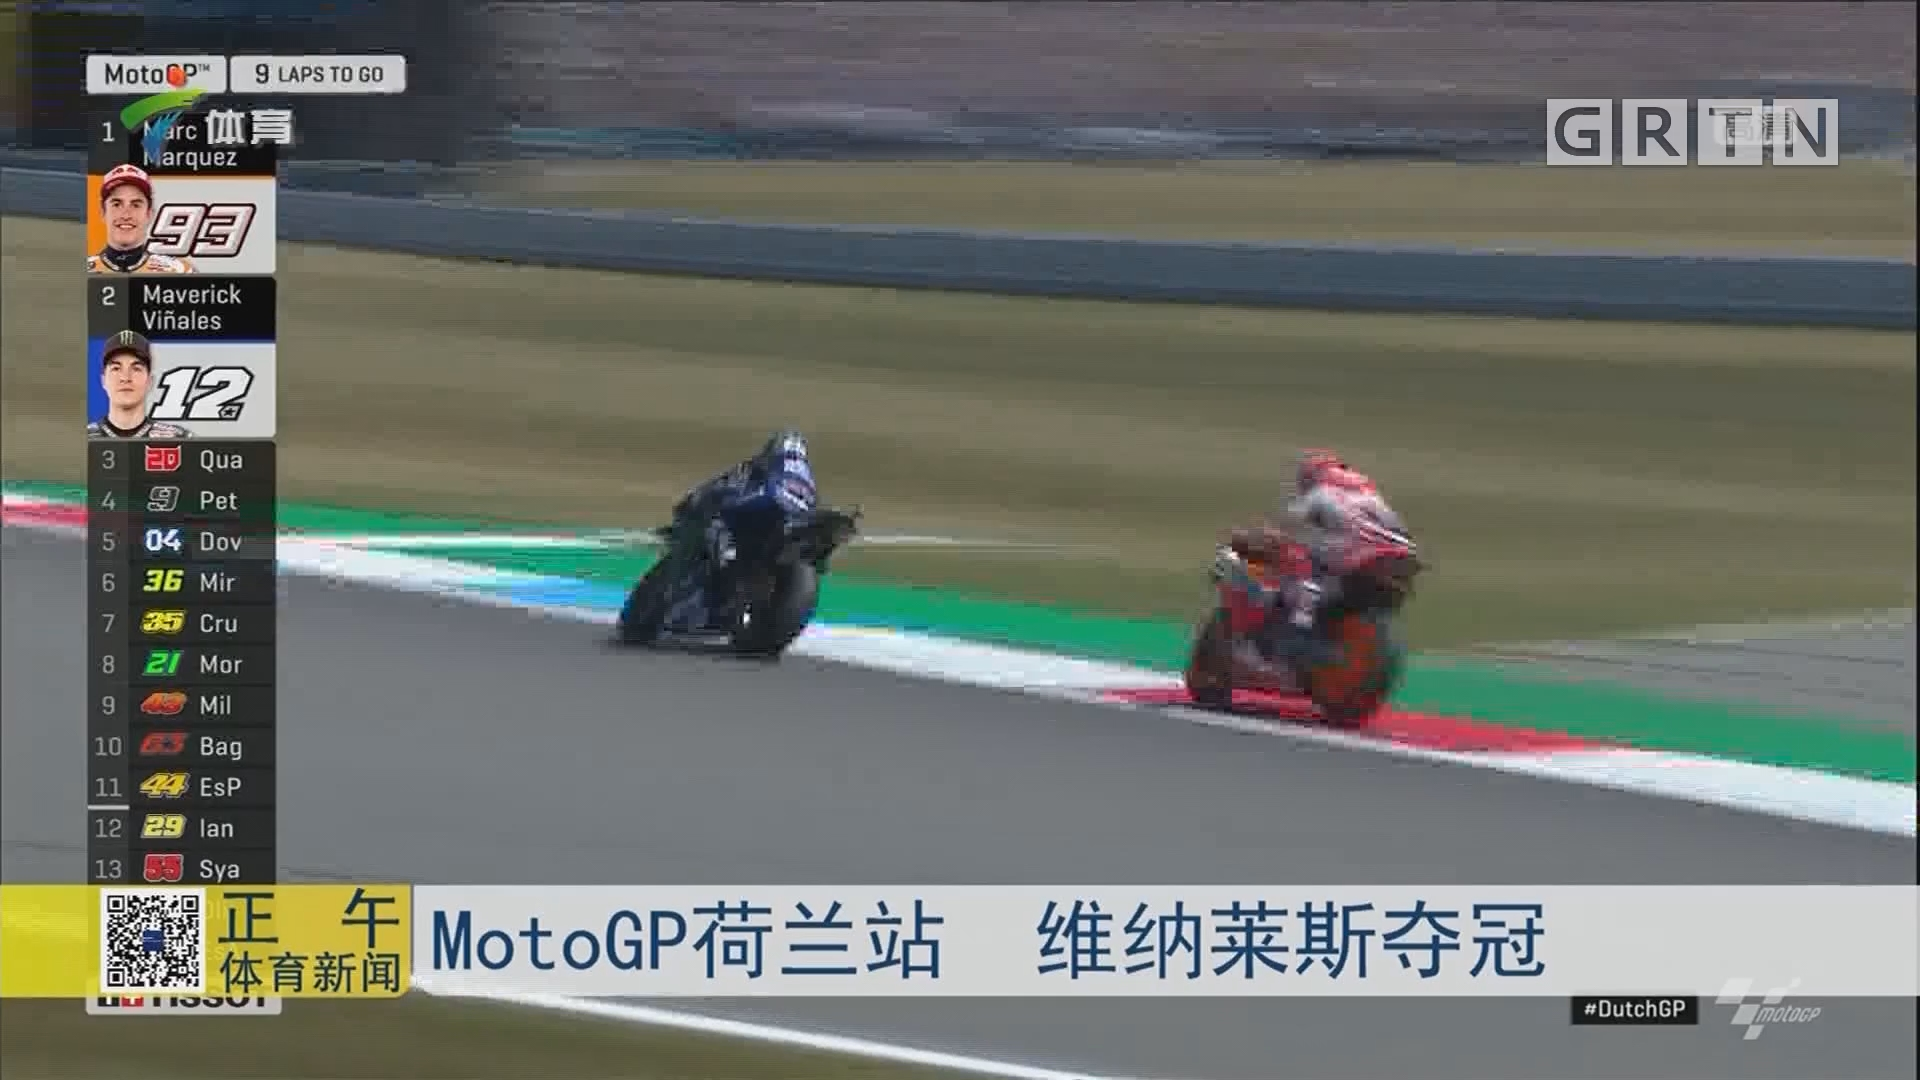 MotoGP荷兰站 维纳莱斯夺冠